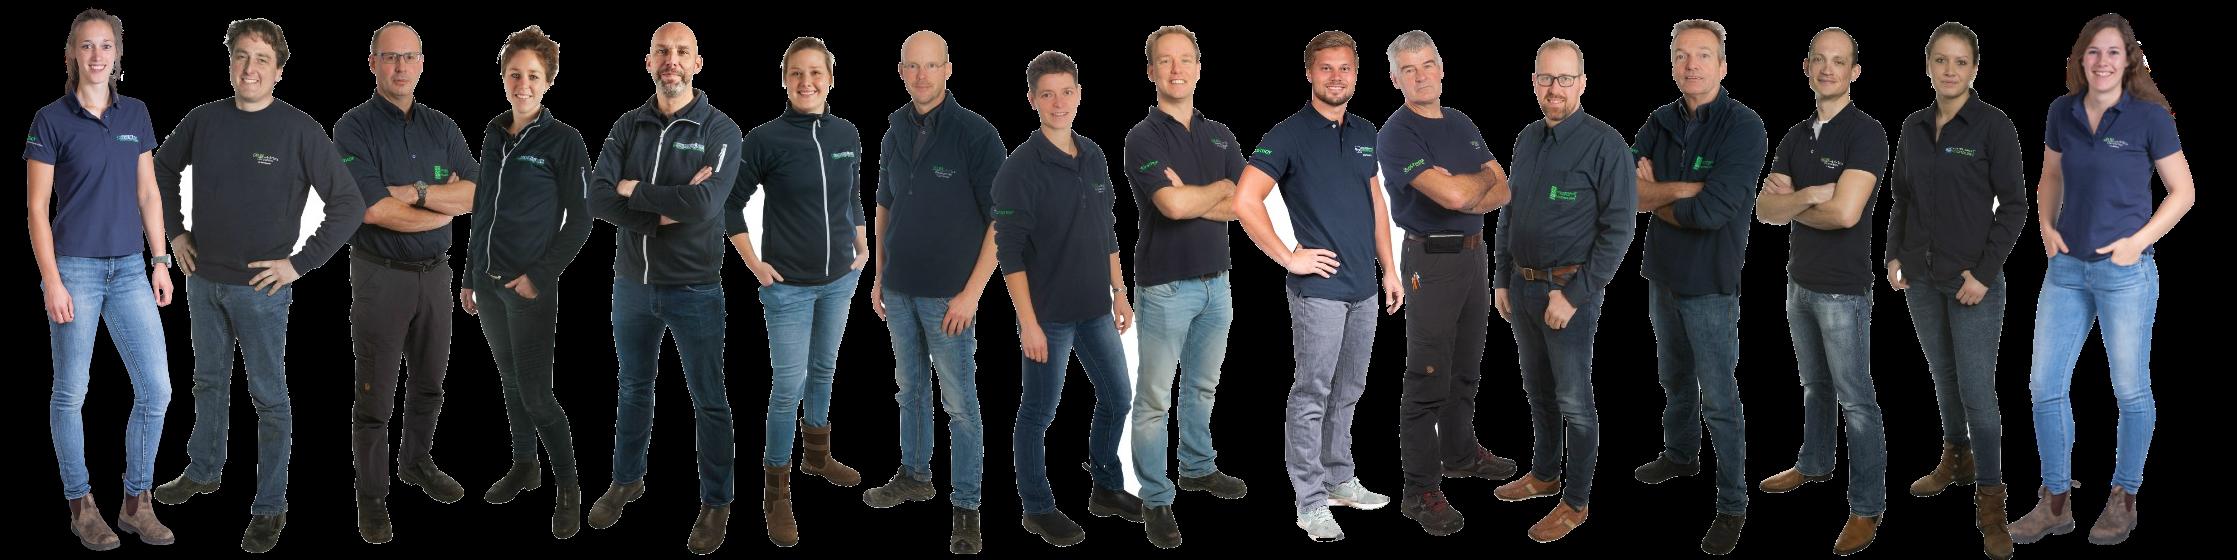 RundveeTeam De Oosthof